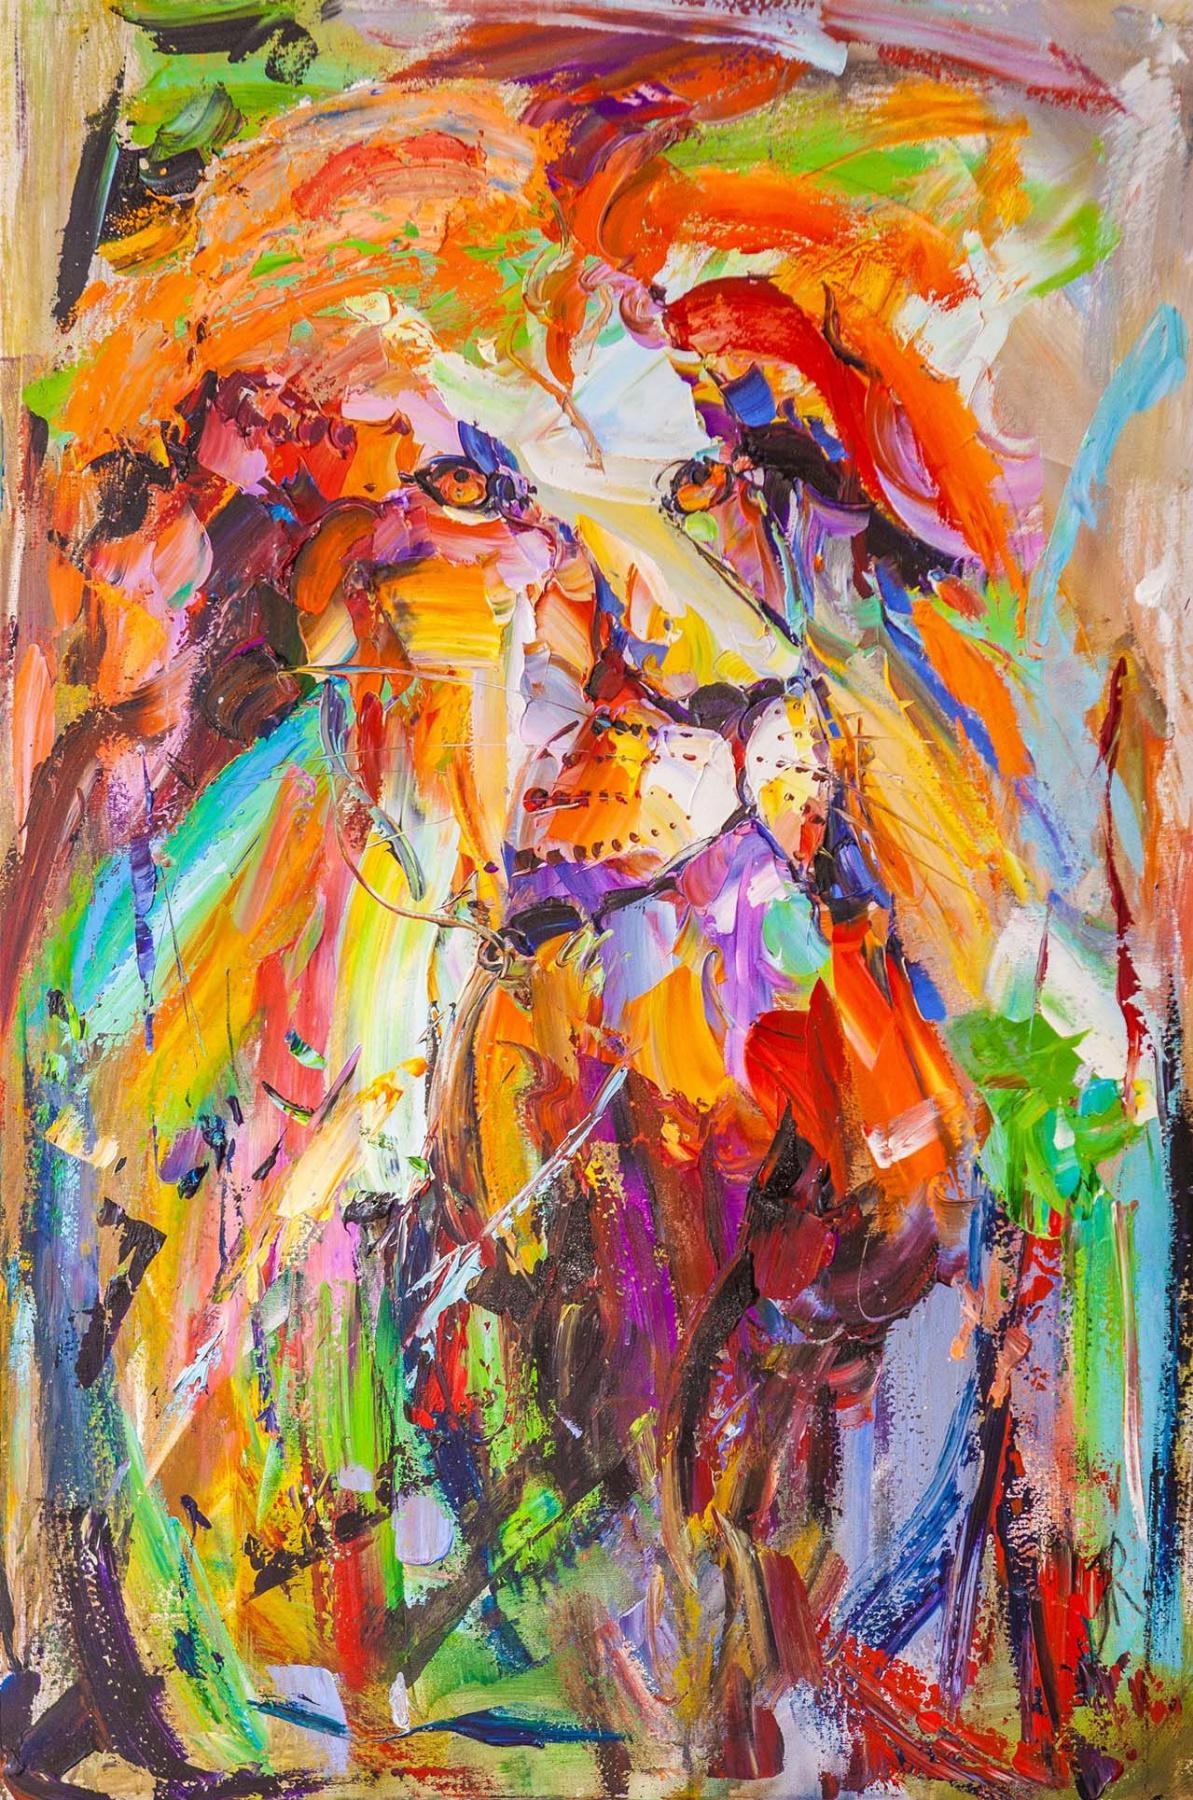 Jose Rodriguez. Lion portrait